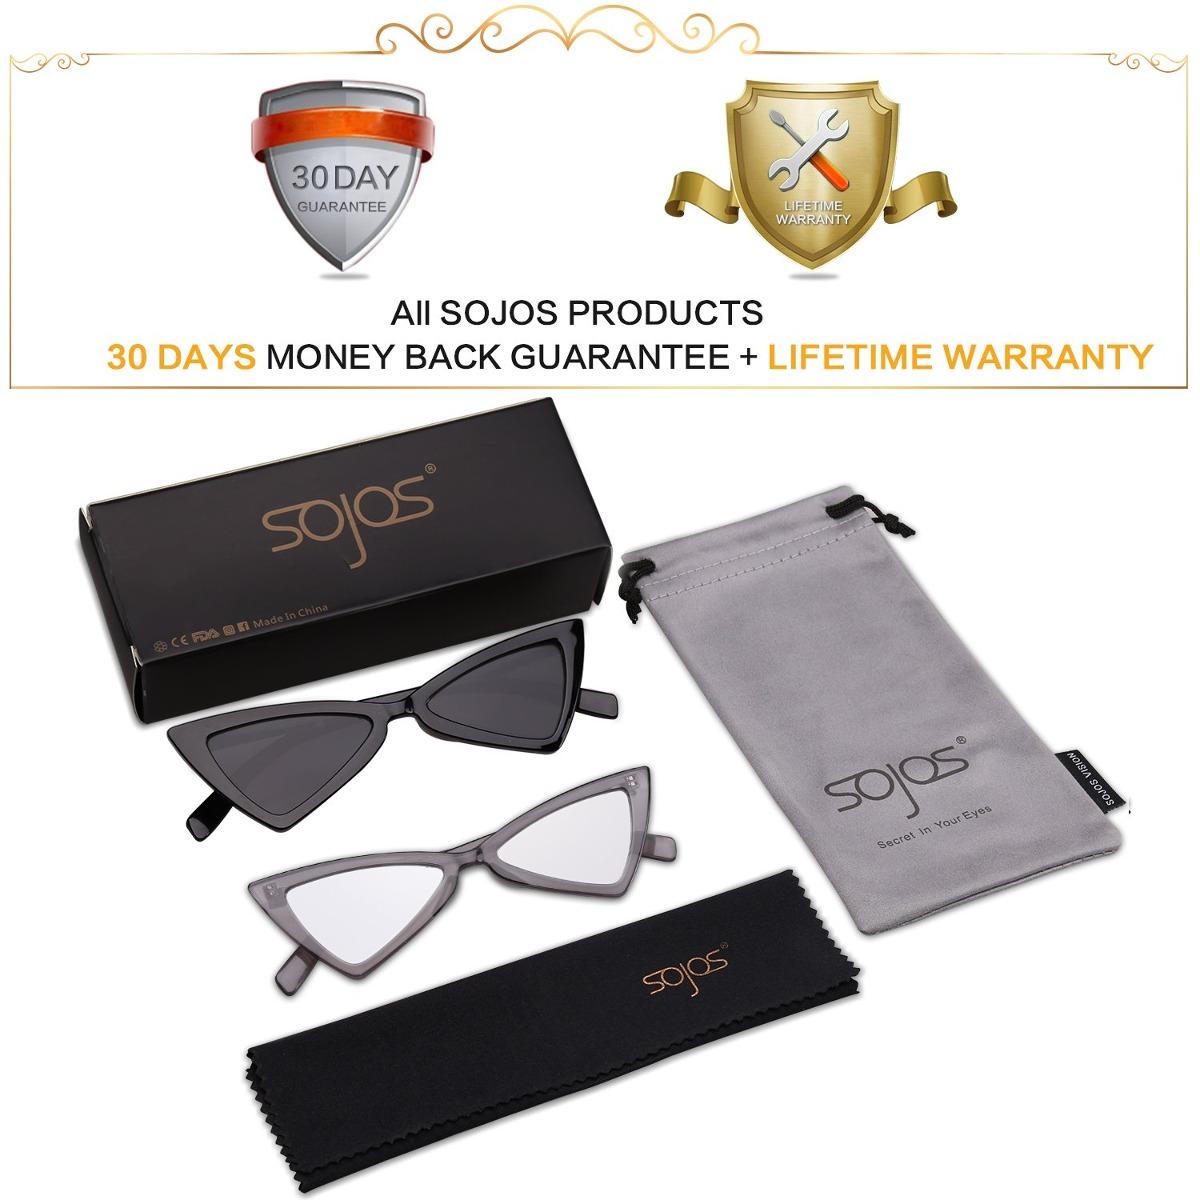 6b23f62e52 sojos gafas de sol pequeña cateye para mujer hombre gafas. Cargando zoom.